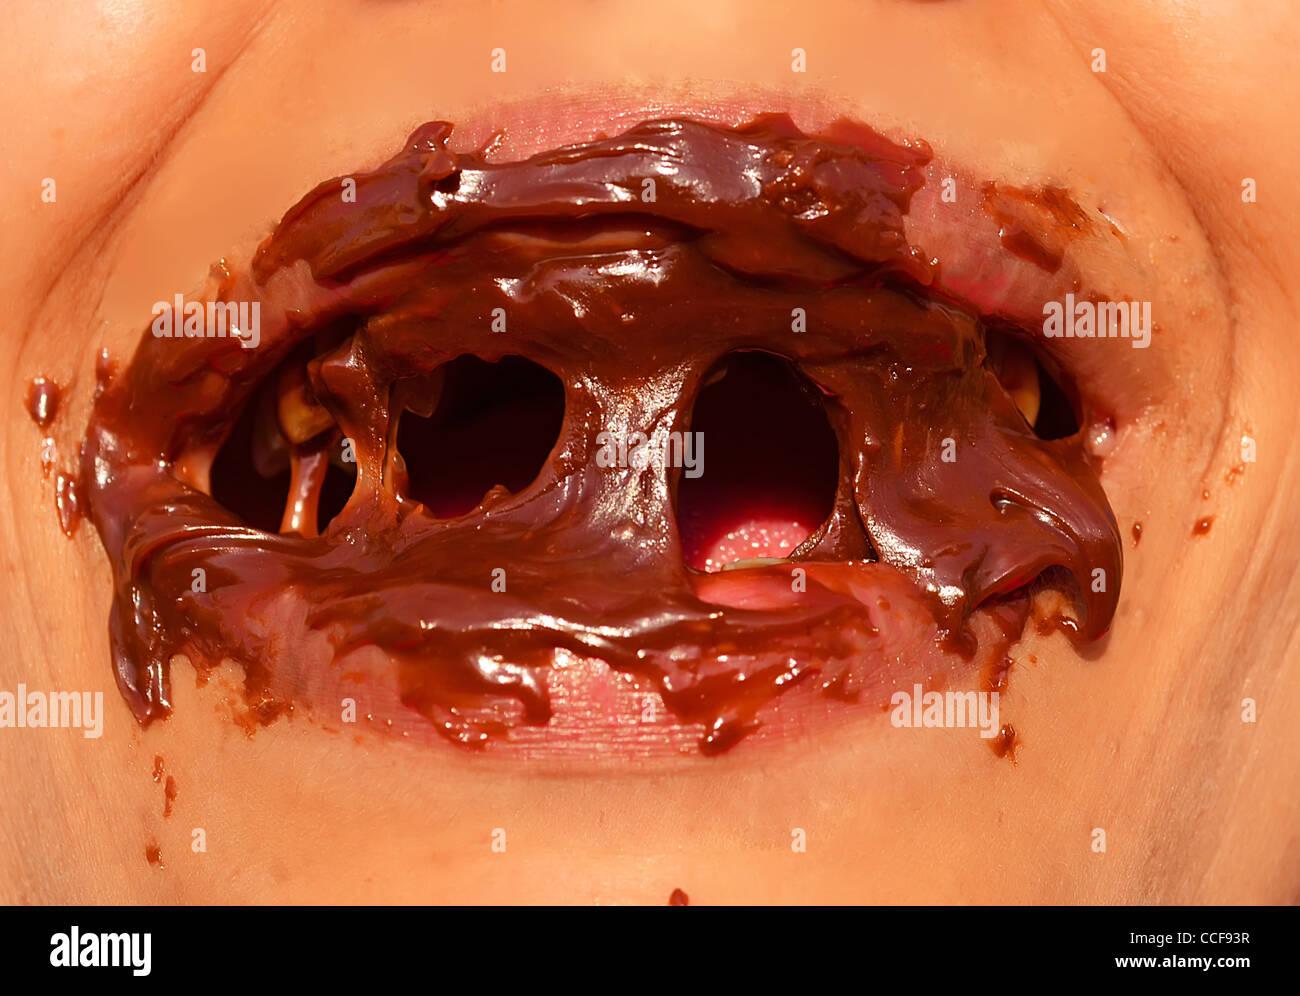 Dame ayant la bouche pleine de chocolat Photo Stock